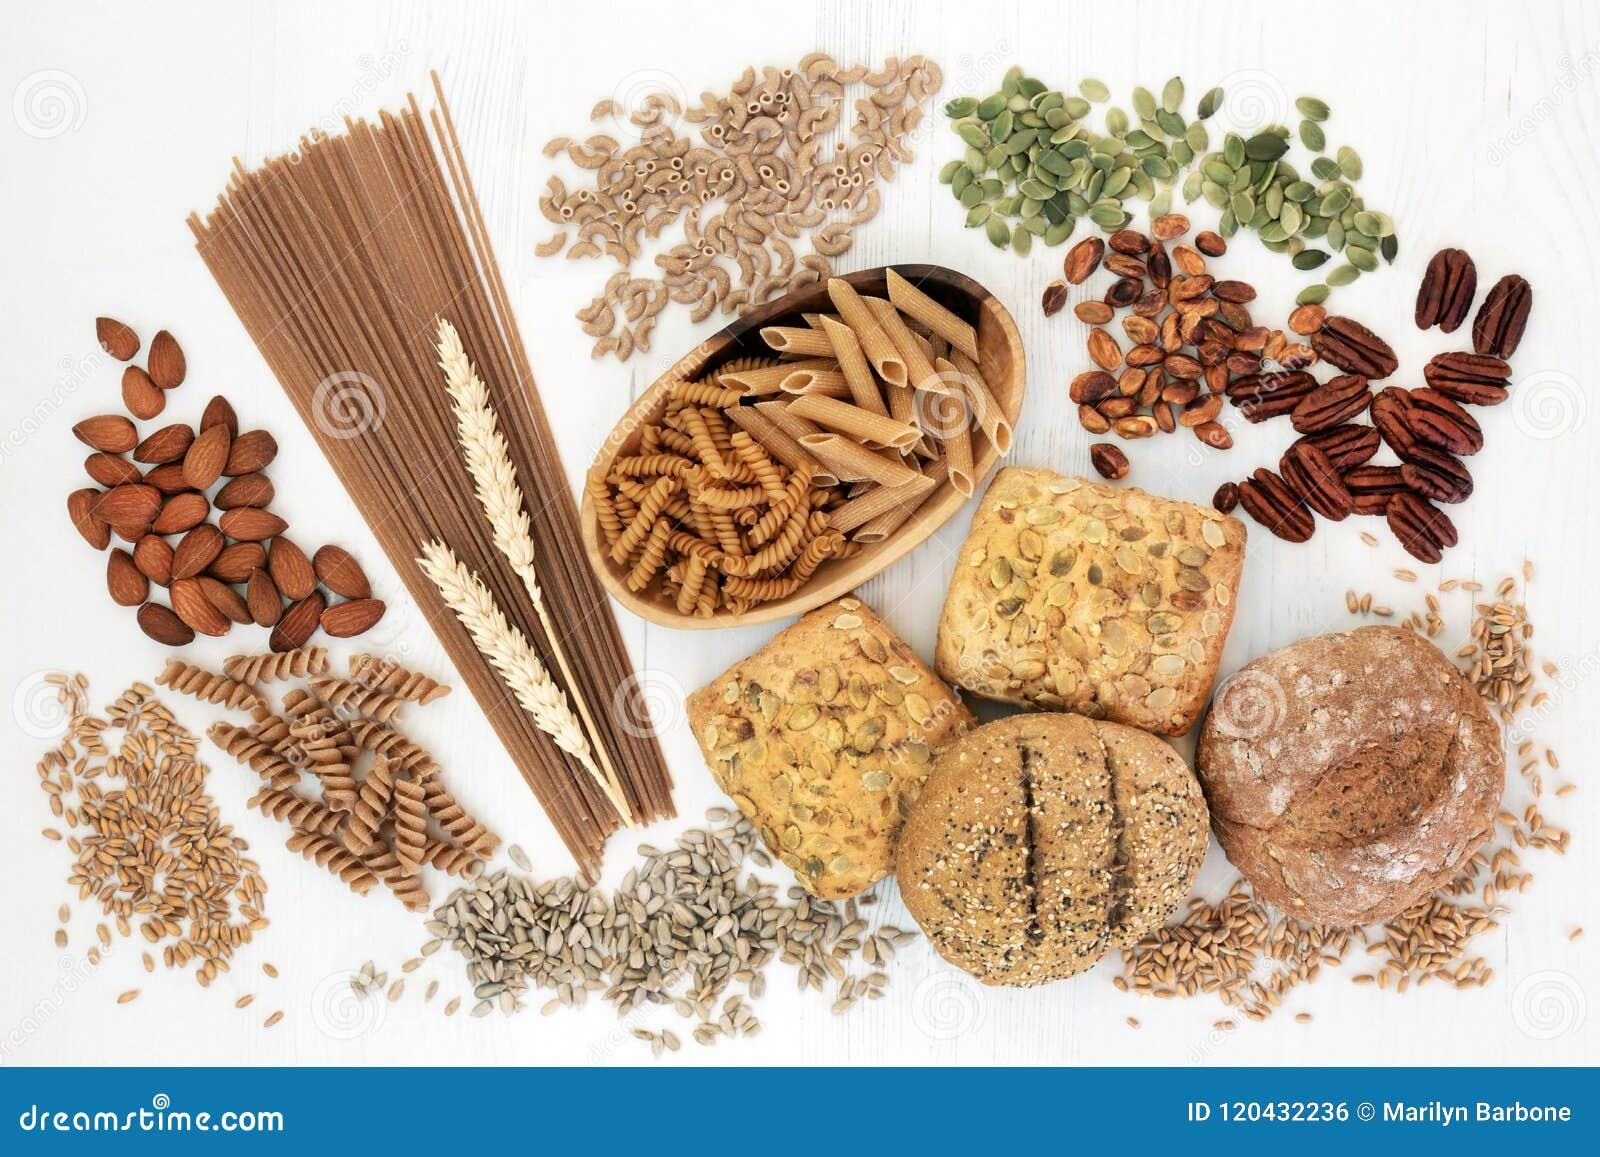 Υψηλή υγιεινή διατροφή ινών